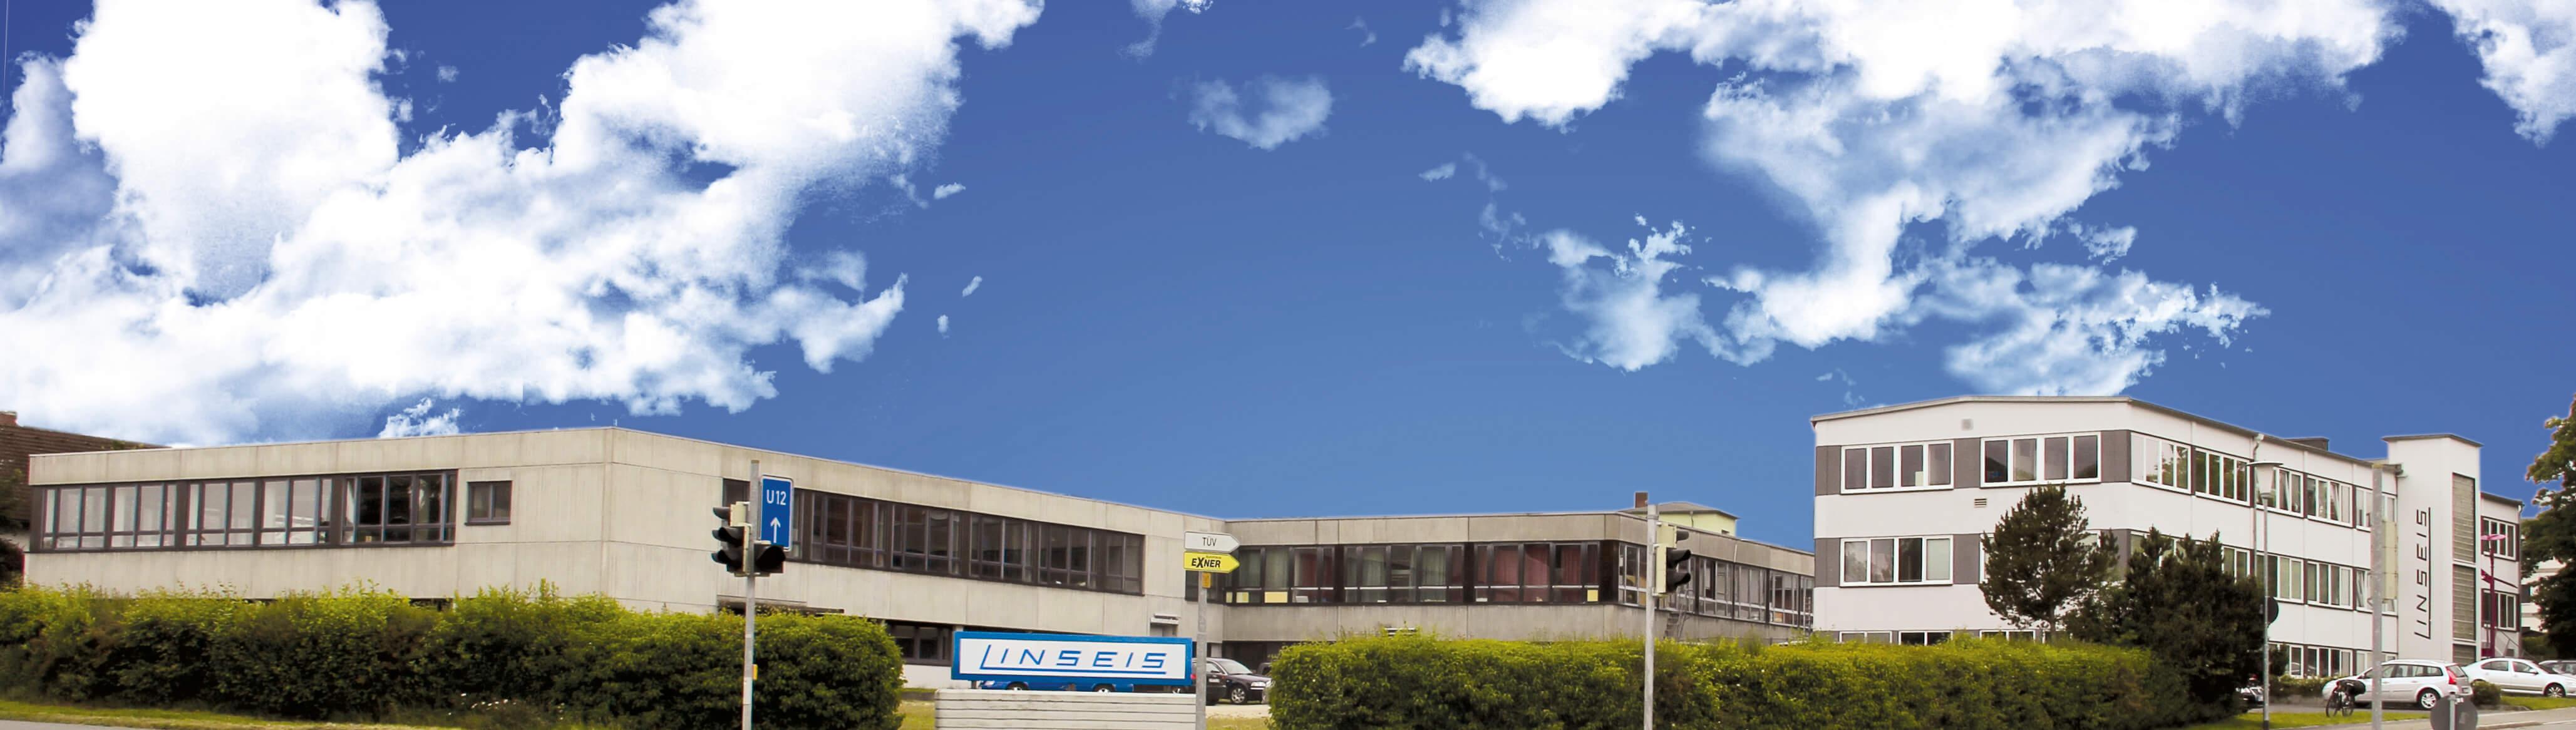 LINSEIS Firmengebäude Selb